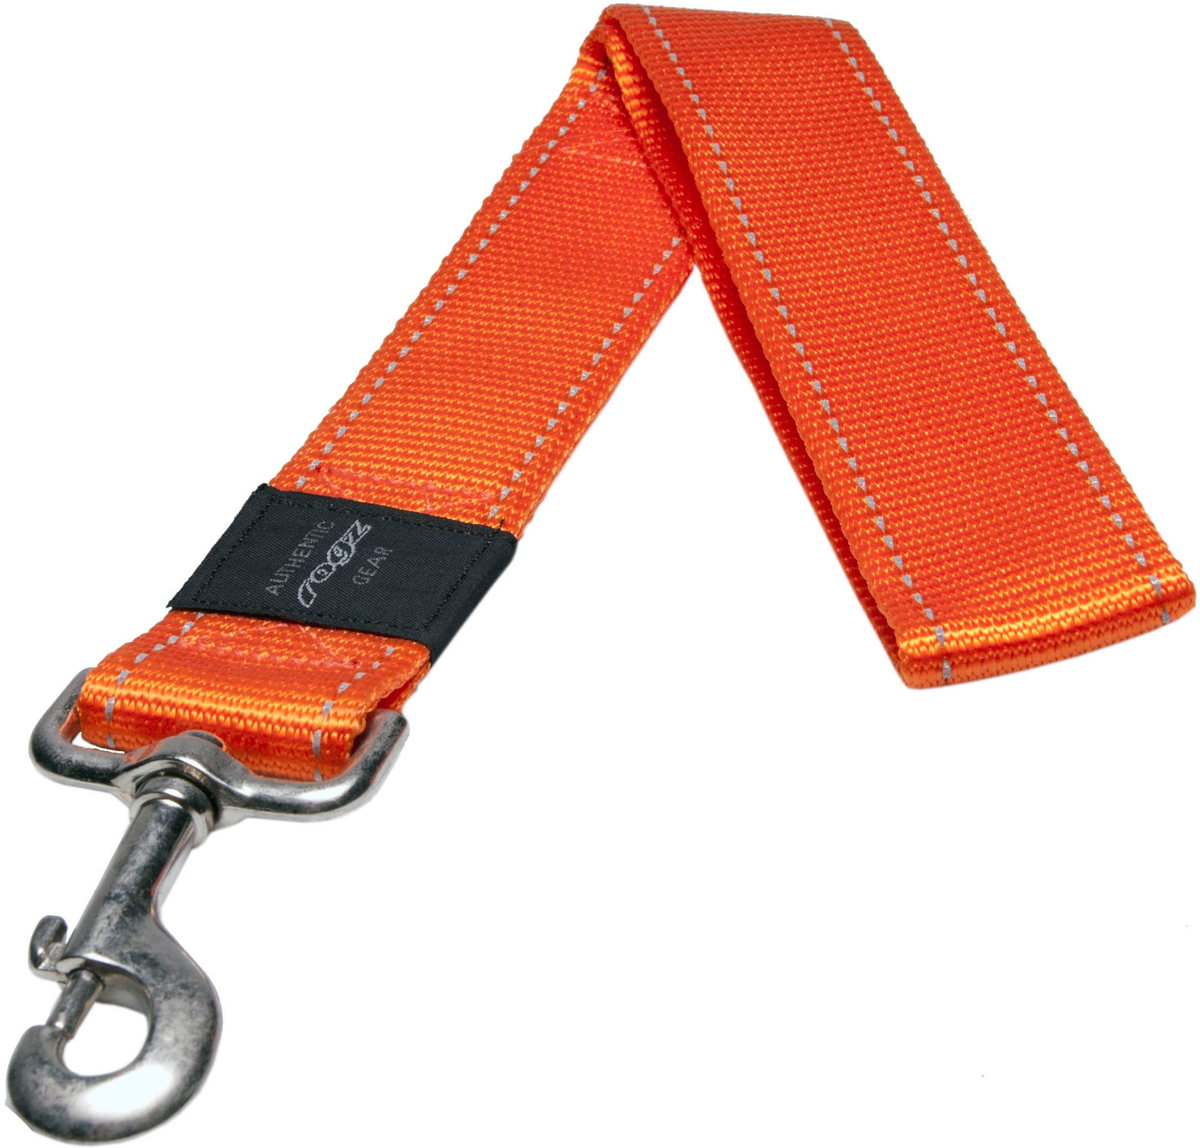 Поводок для собак Rogz Utility, цвет: оранжевый, ширина 4 см. Размер XXLHL19DПоводок для собак Rogz Utility  со светоотражающей нитью, вплетенной в нейлоновую ленту, обеспечивает лучшую видимость собаки в темное время суток. Специальная конструкция пряжки Rog Loc - очень крепкая (система Fort Knox). Замок может быть расстегнут только рукой человека. Технология распределения нагрузки позволяет снизить нагрузку на пряжки, изготовленные из титанового пластика, с помощью правильного и разумного расположения грузовых колец, благодаря чему, даже при самых сильных рывках, изделие не рвется и не деформируется.Выполненные специально по заказу ROGZ литые кольца гальванически хромированы, что позволяет избежать коррозии и потускнения изделия.